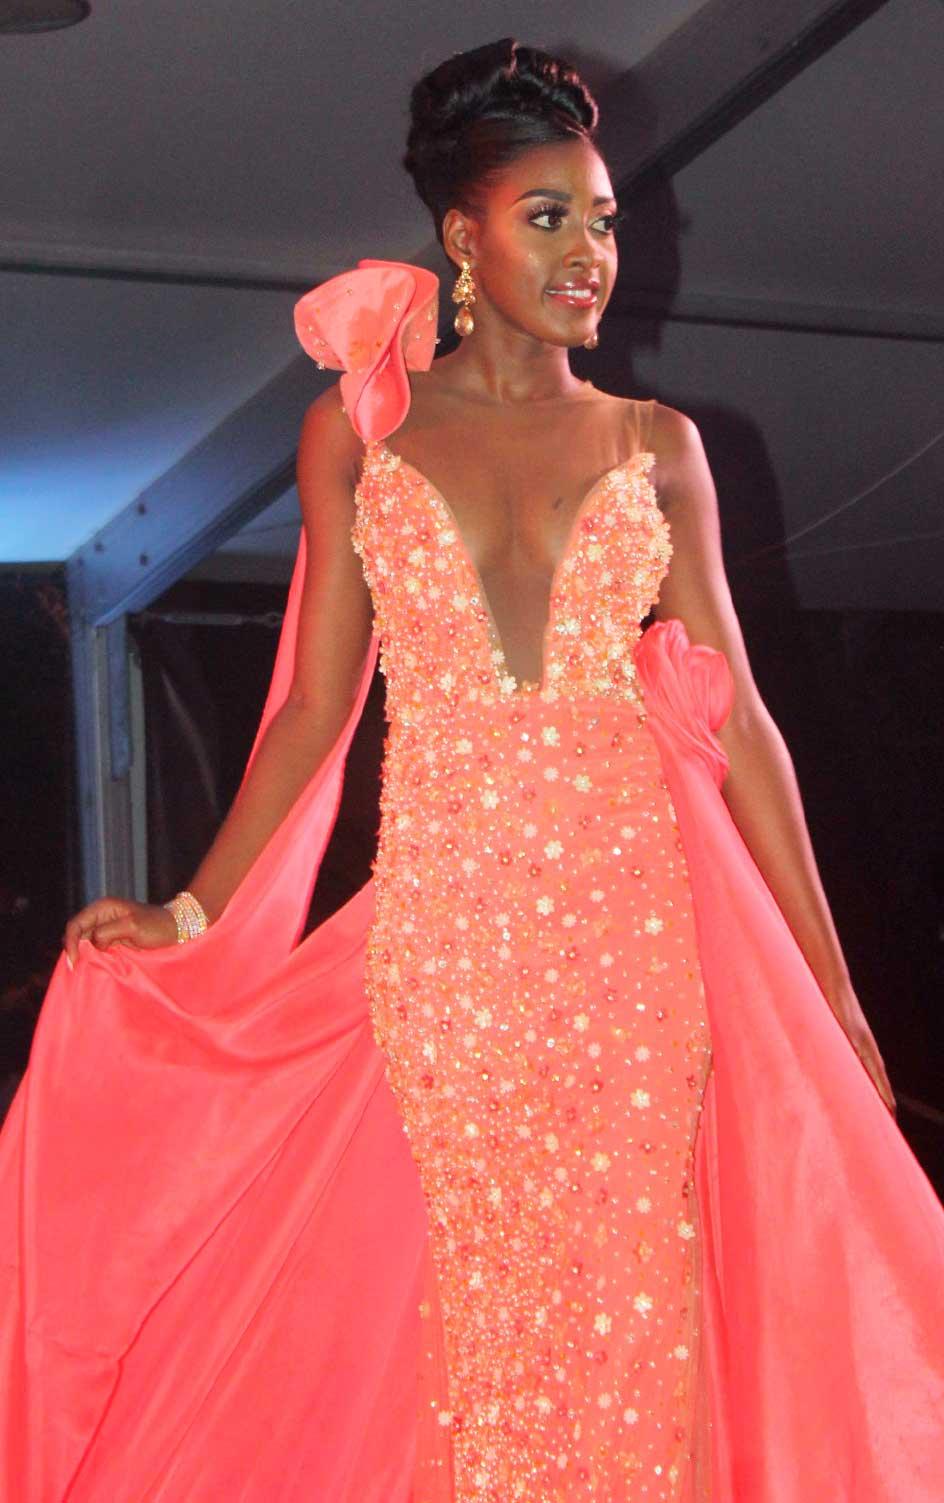 Image of Third runner-up Miss Sugar Beach ShirliannaLamontagne. PHOTO BY: Rae Anthony